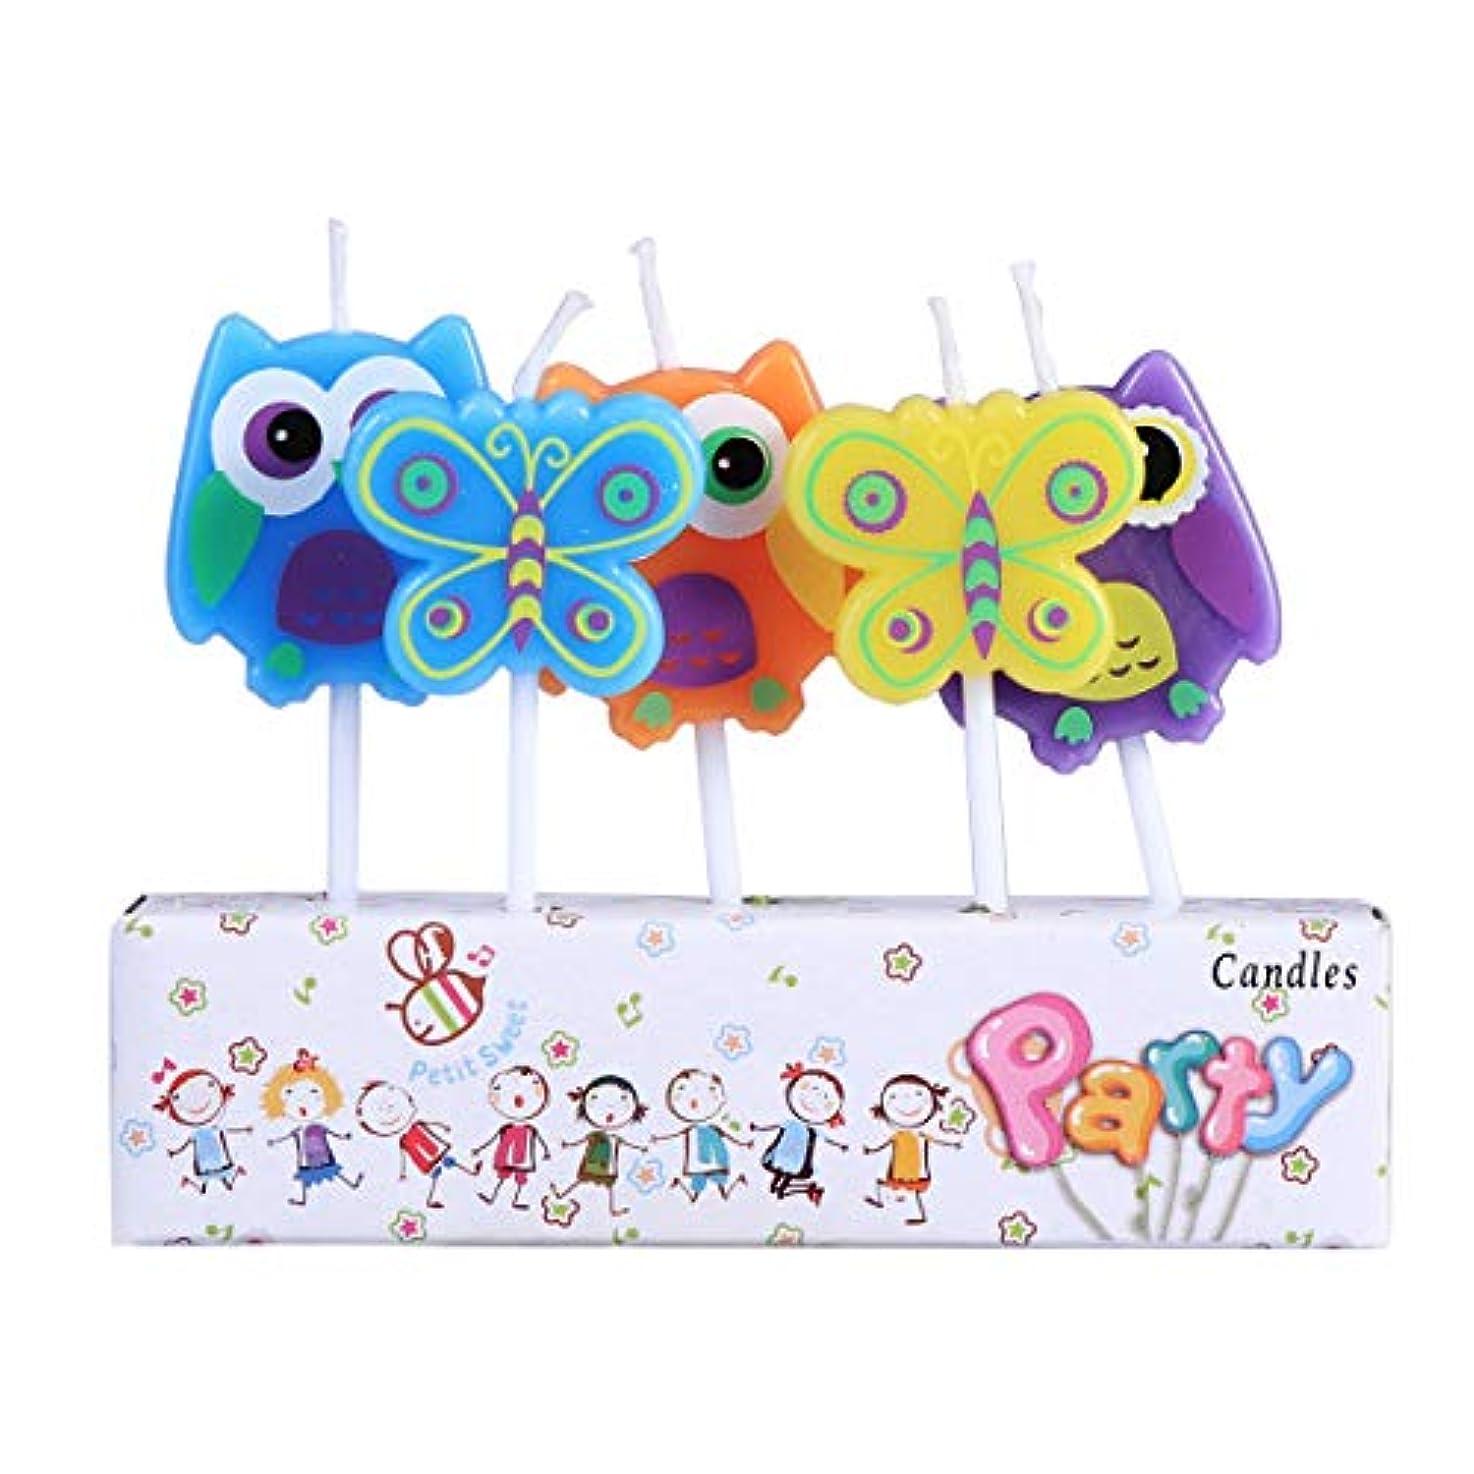 マッサージ受信養うBESTOYARD 子供の誕生日の装飾のための5本の動物の誕生日ケーキのろうそく(フクロウ蝶形)